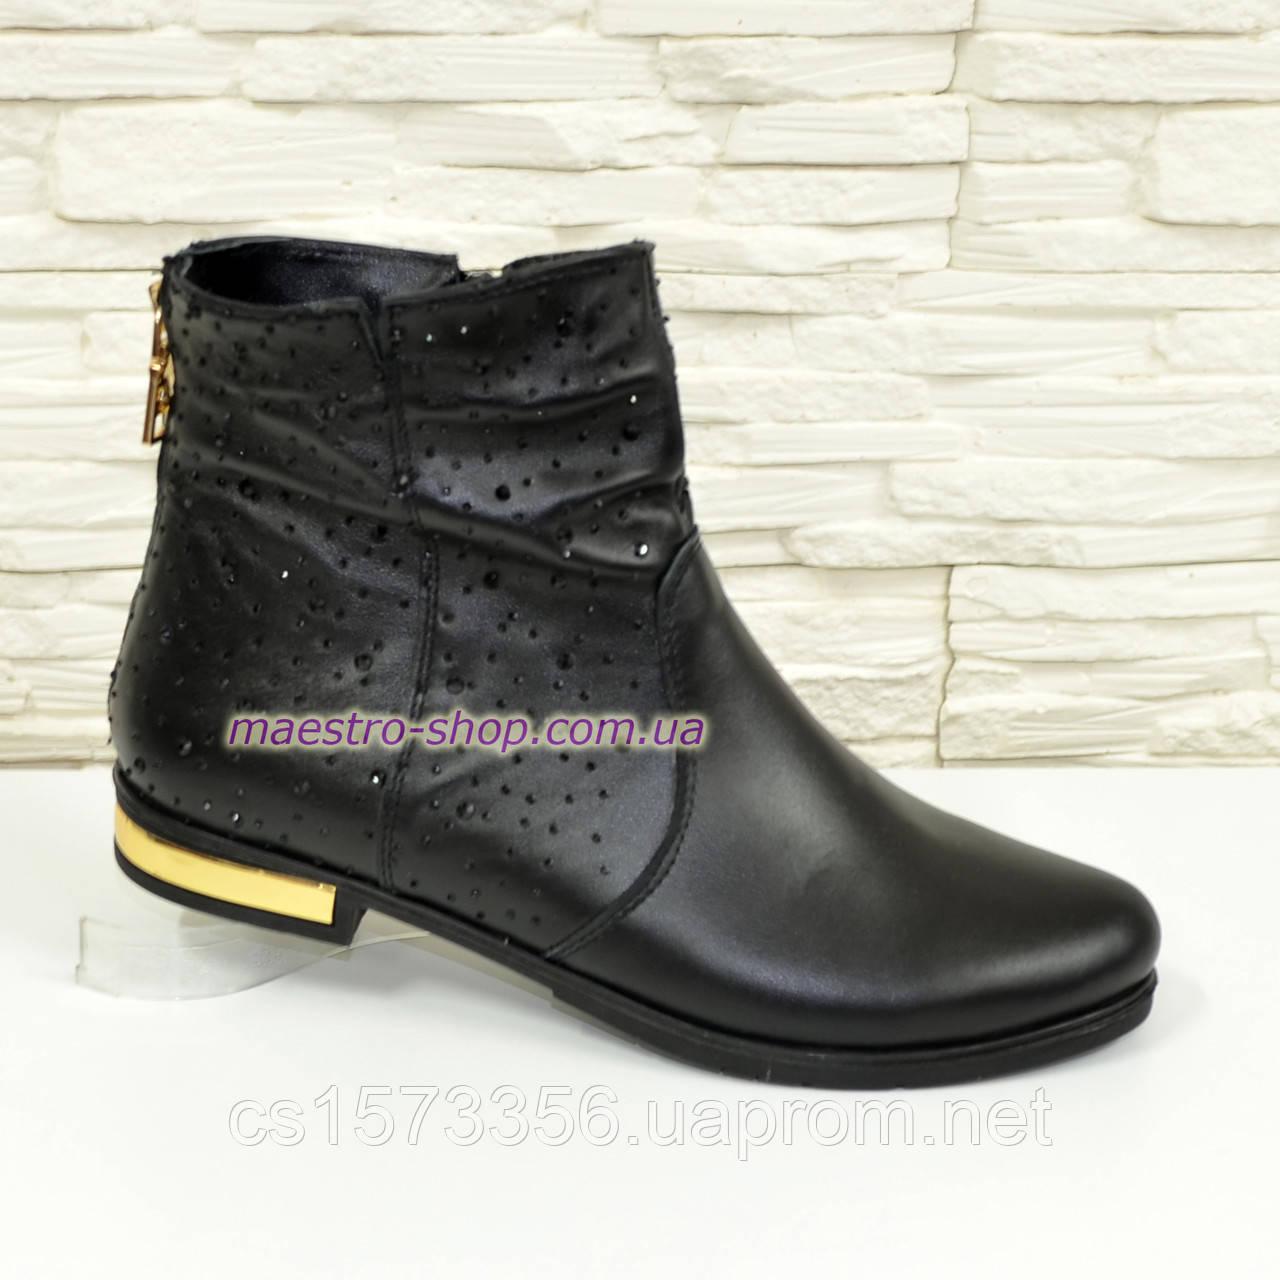 Ботинки кожаные женские демисезонные.